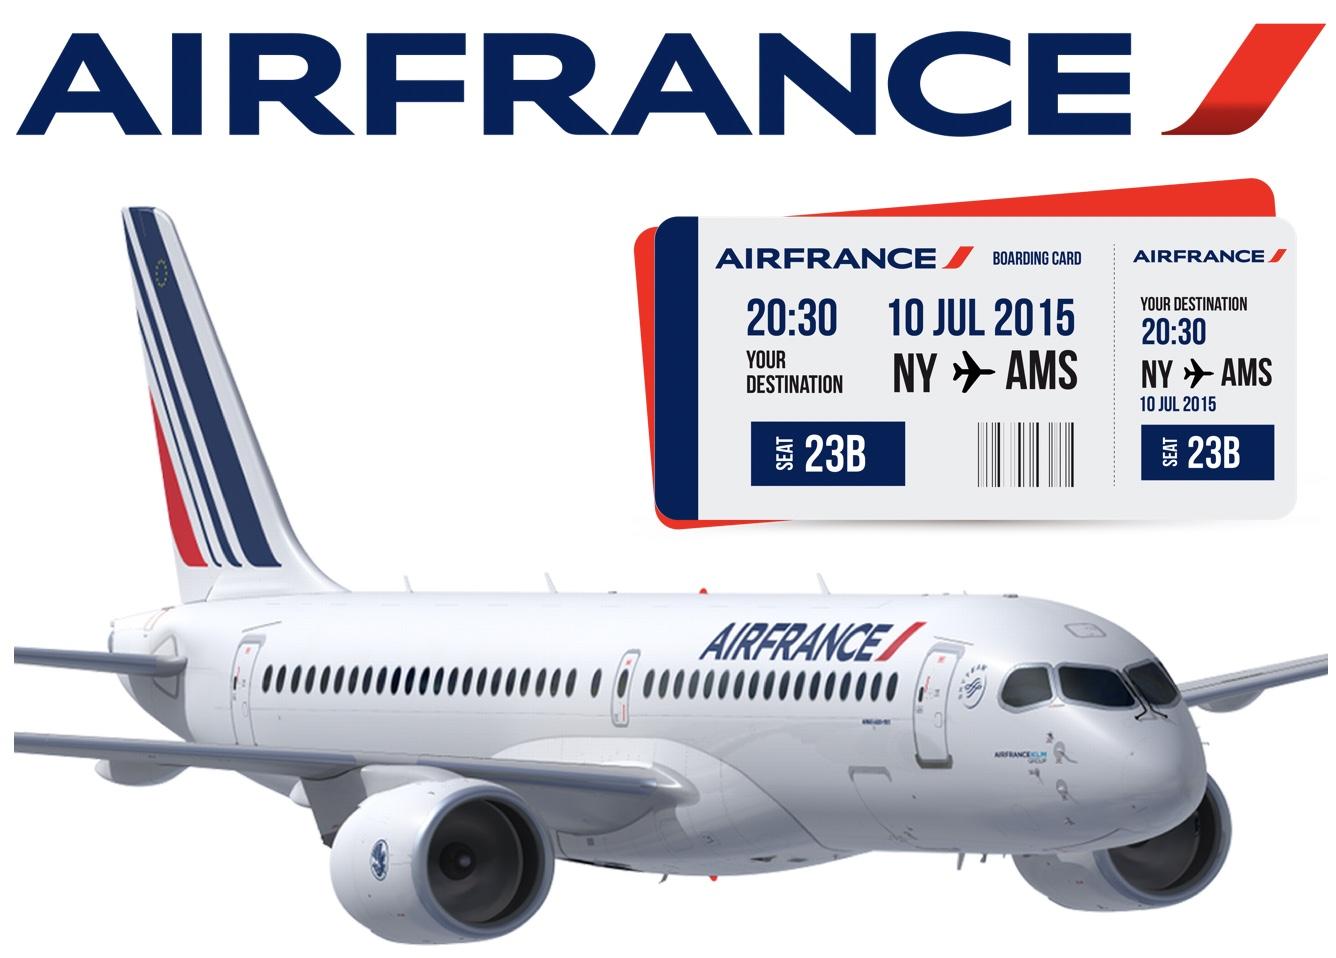 Code promo Air France : 30€ supplémentaires offerts pour toute carte cadeau Air France de 150€ achetée